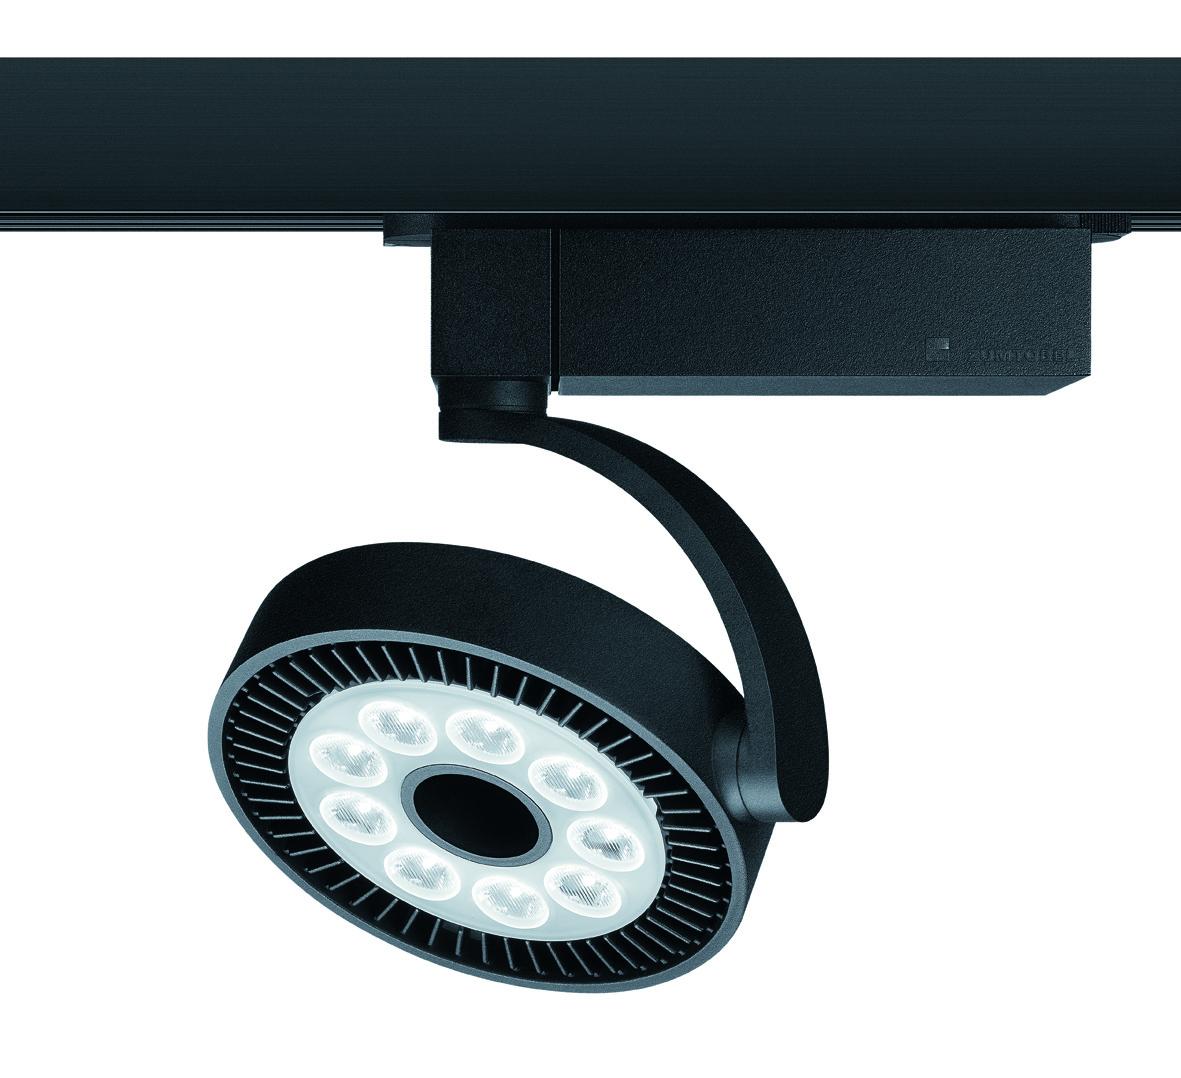 comunicati e contatti stampa 2012 zumtobel. Black Bedroom Furniture Sets. Home Design Ideas